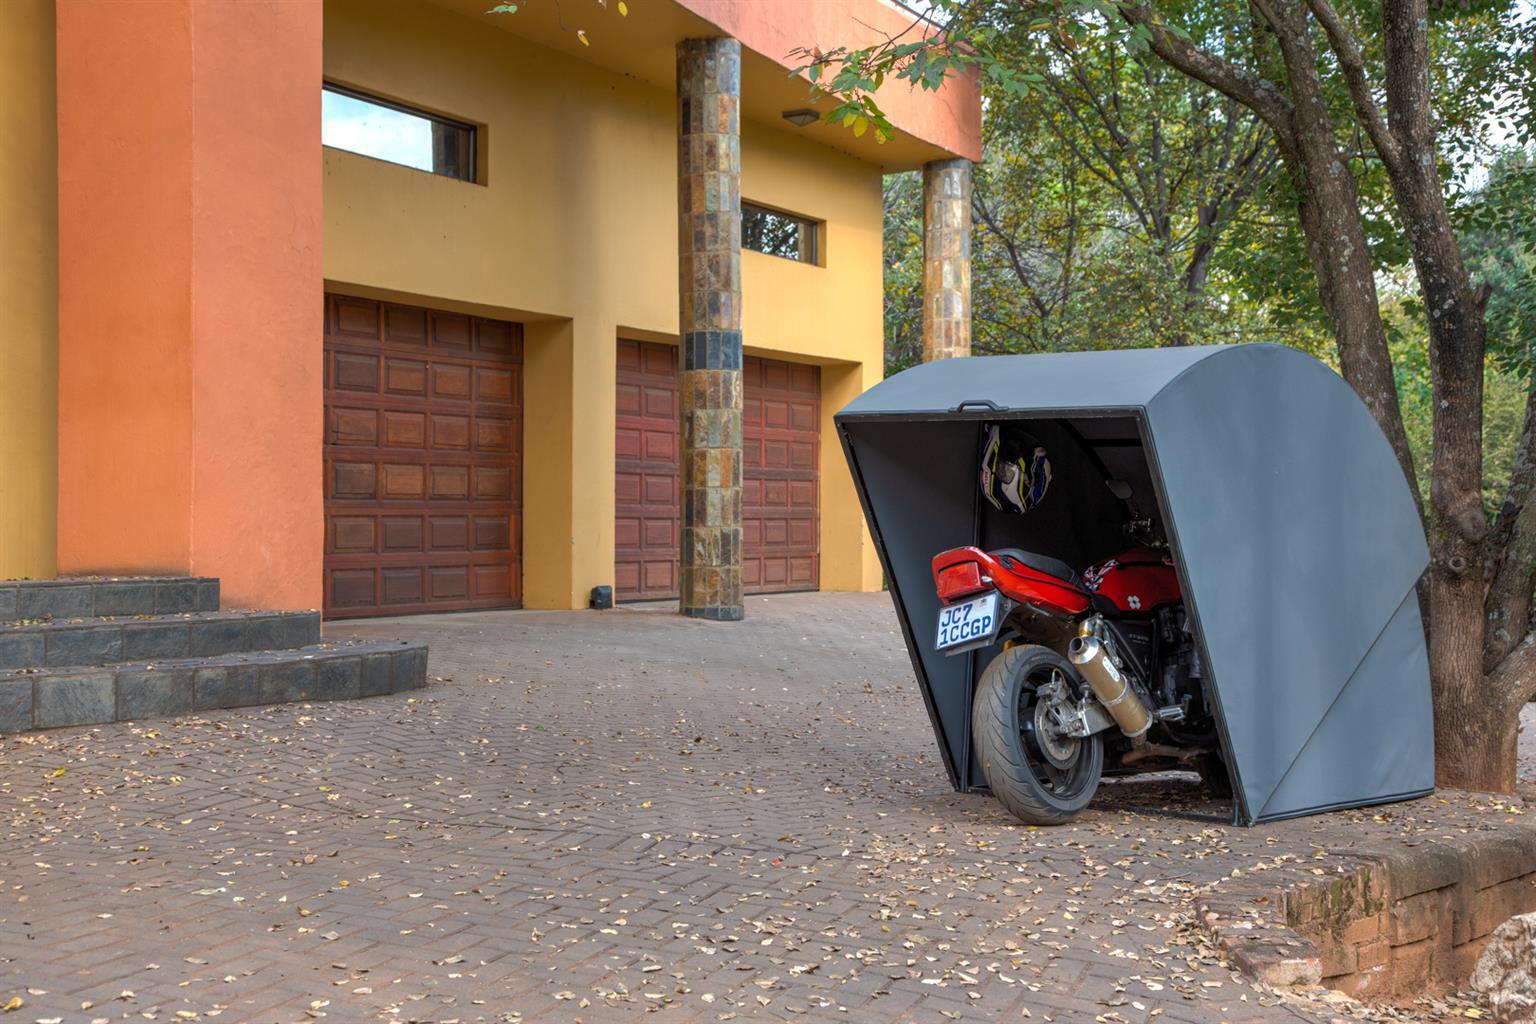 Protectabike Protective bike pods.